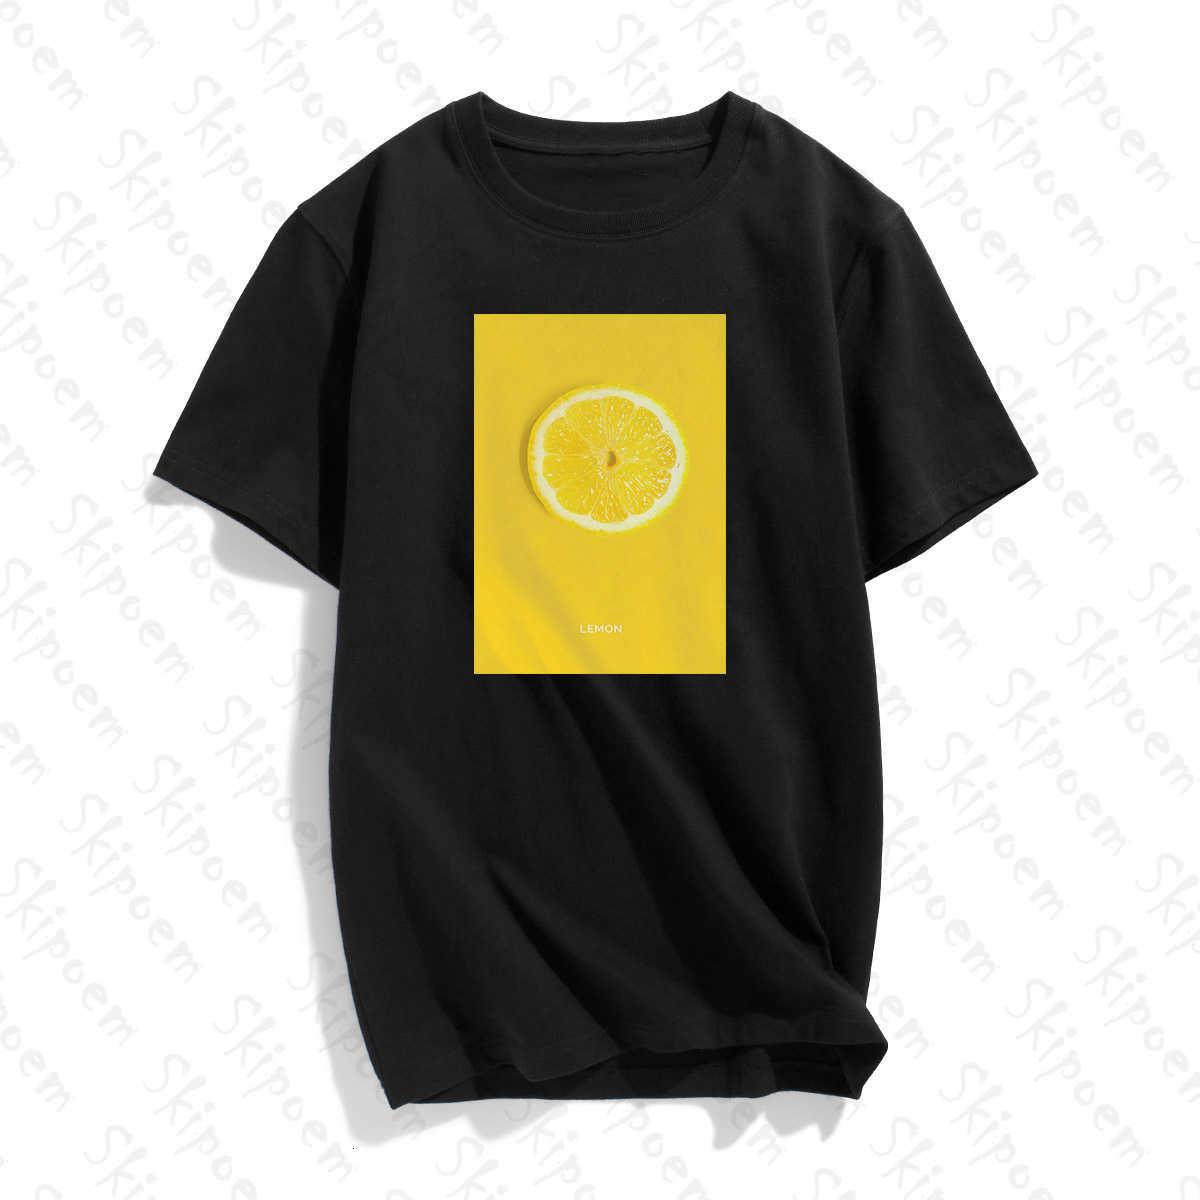 Obst Kunst Zitrone T-shirt Frauen Tumblr Punk Vintage Ästhetischen Koreanische Stil Gothic Baumwolle Kurzarm Plus Größe Streetwear Kleidung